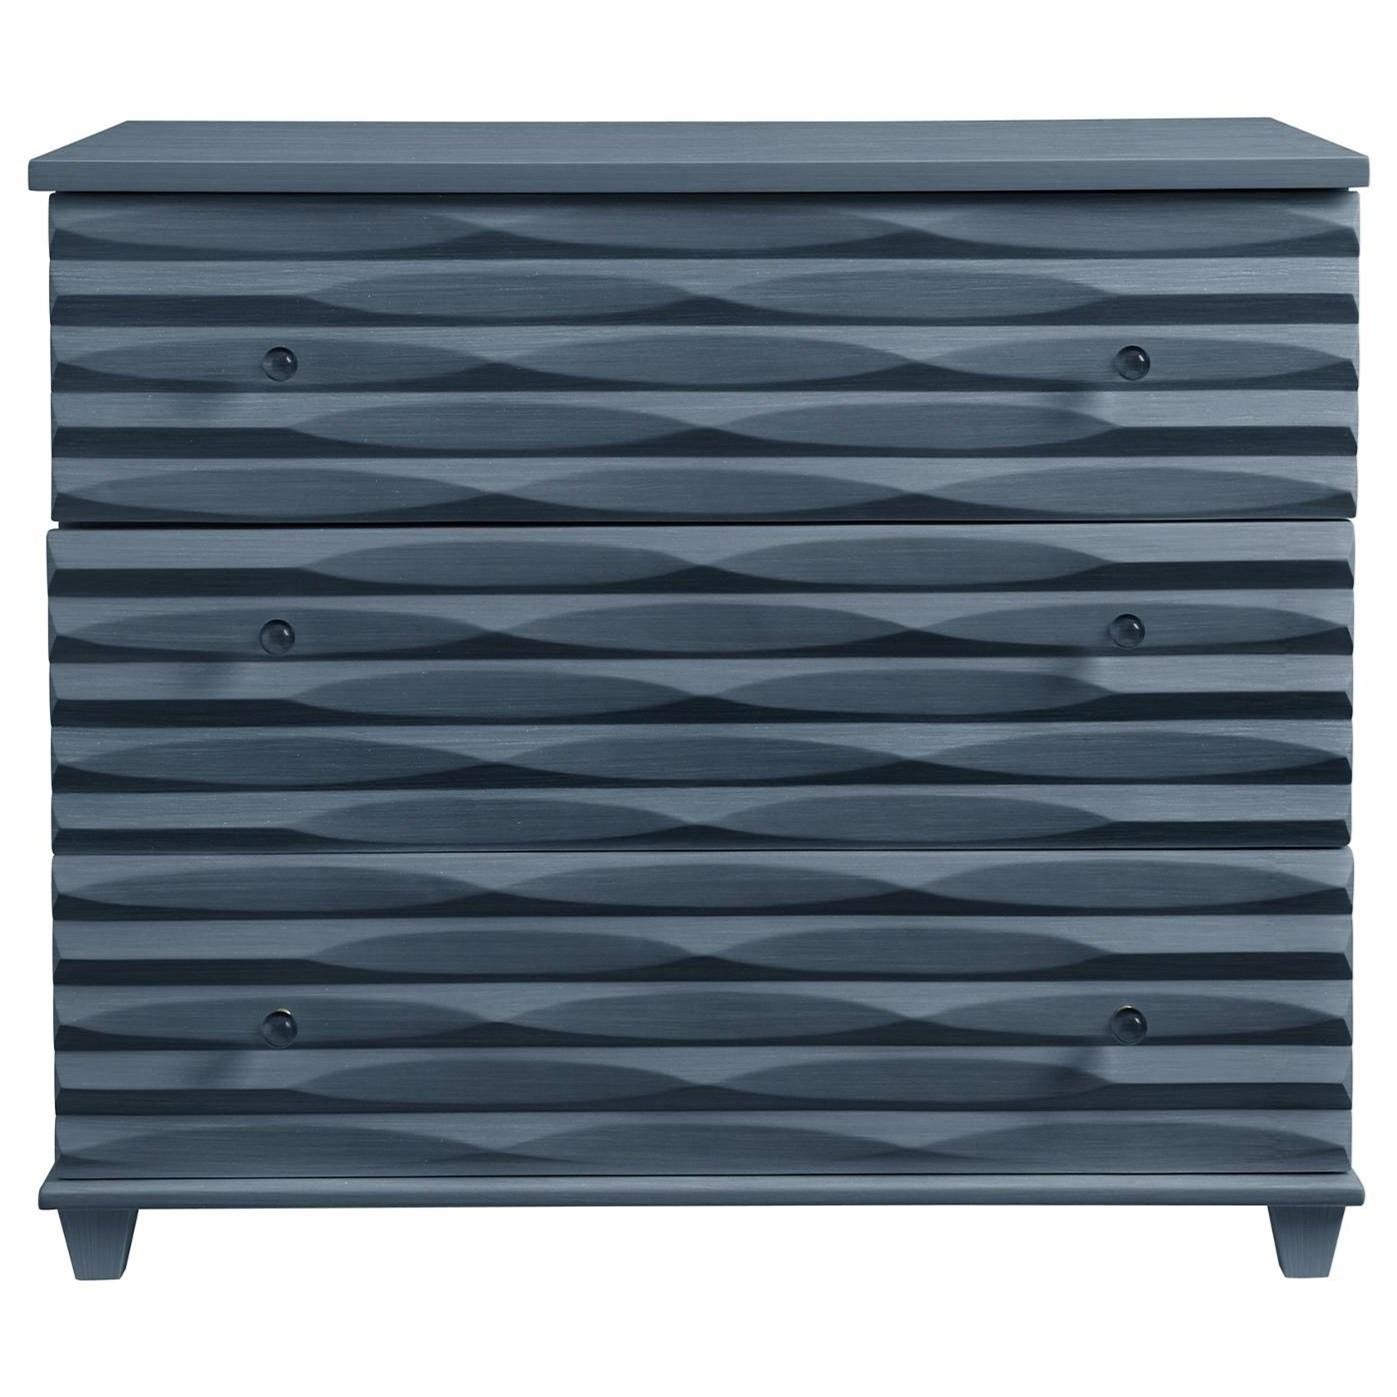 Stanley Furniture Coastal Living Oasis Tides Single Dresser - Item Number: 527-43-02